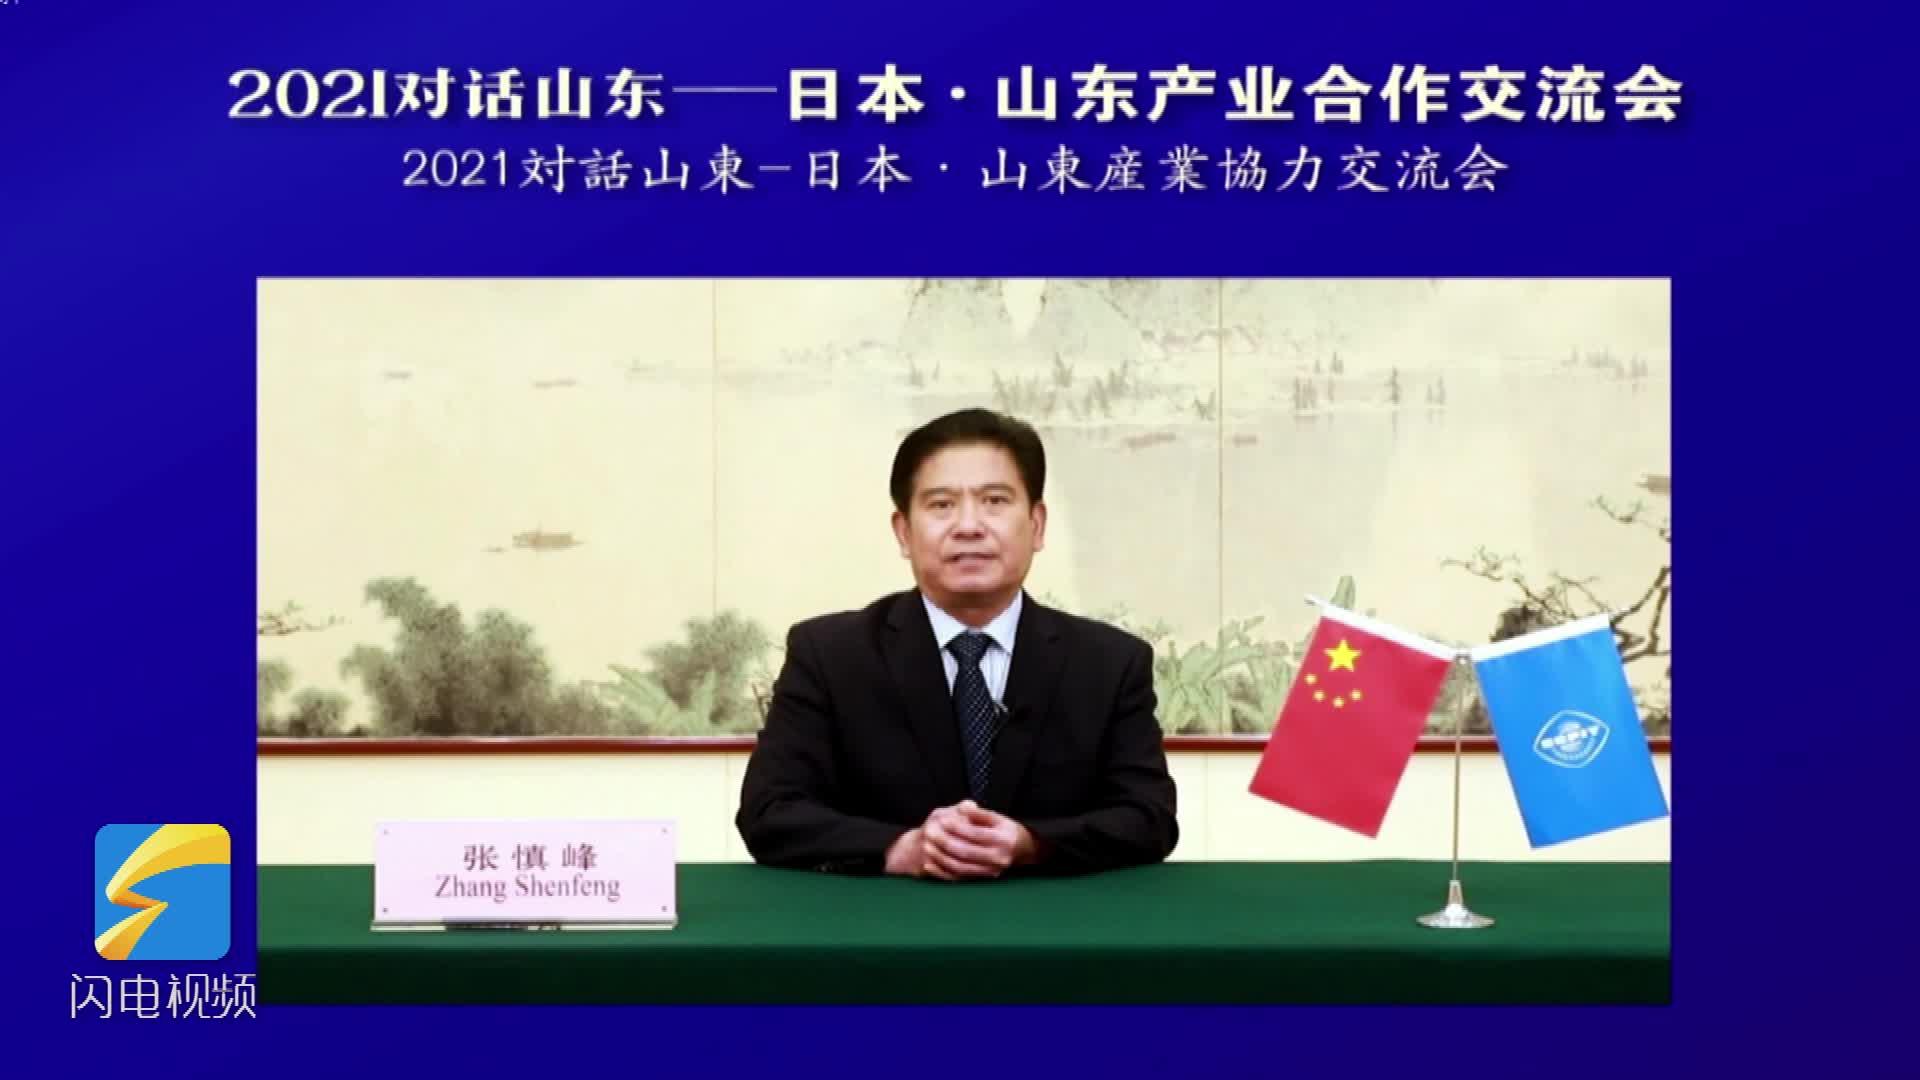 2021对话山东|中国贸促会副会长张慎峰:发挥连接政企、衔接内外、对接供需作用,搭建中日经贸合作更好平台